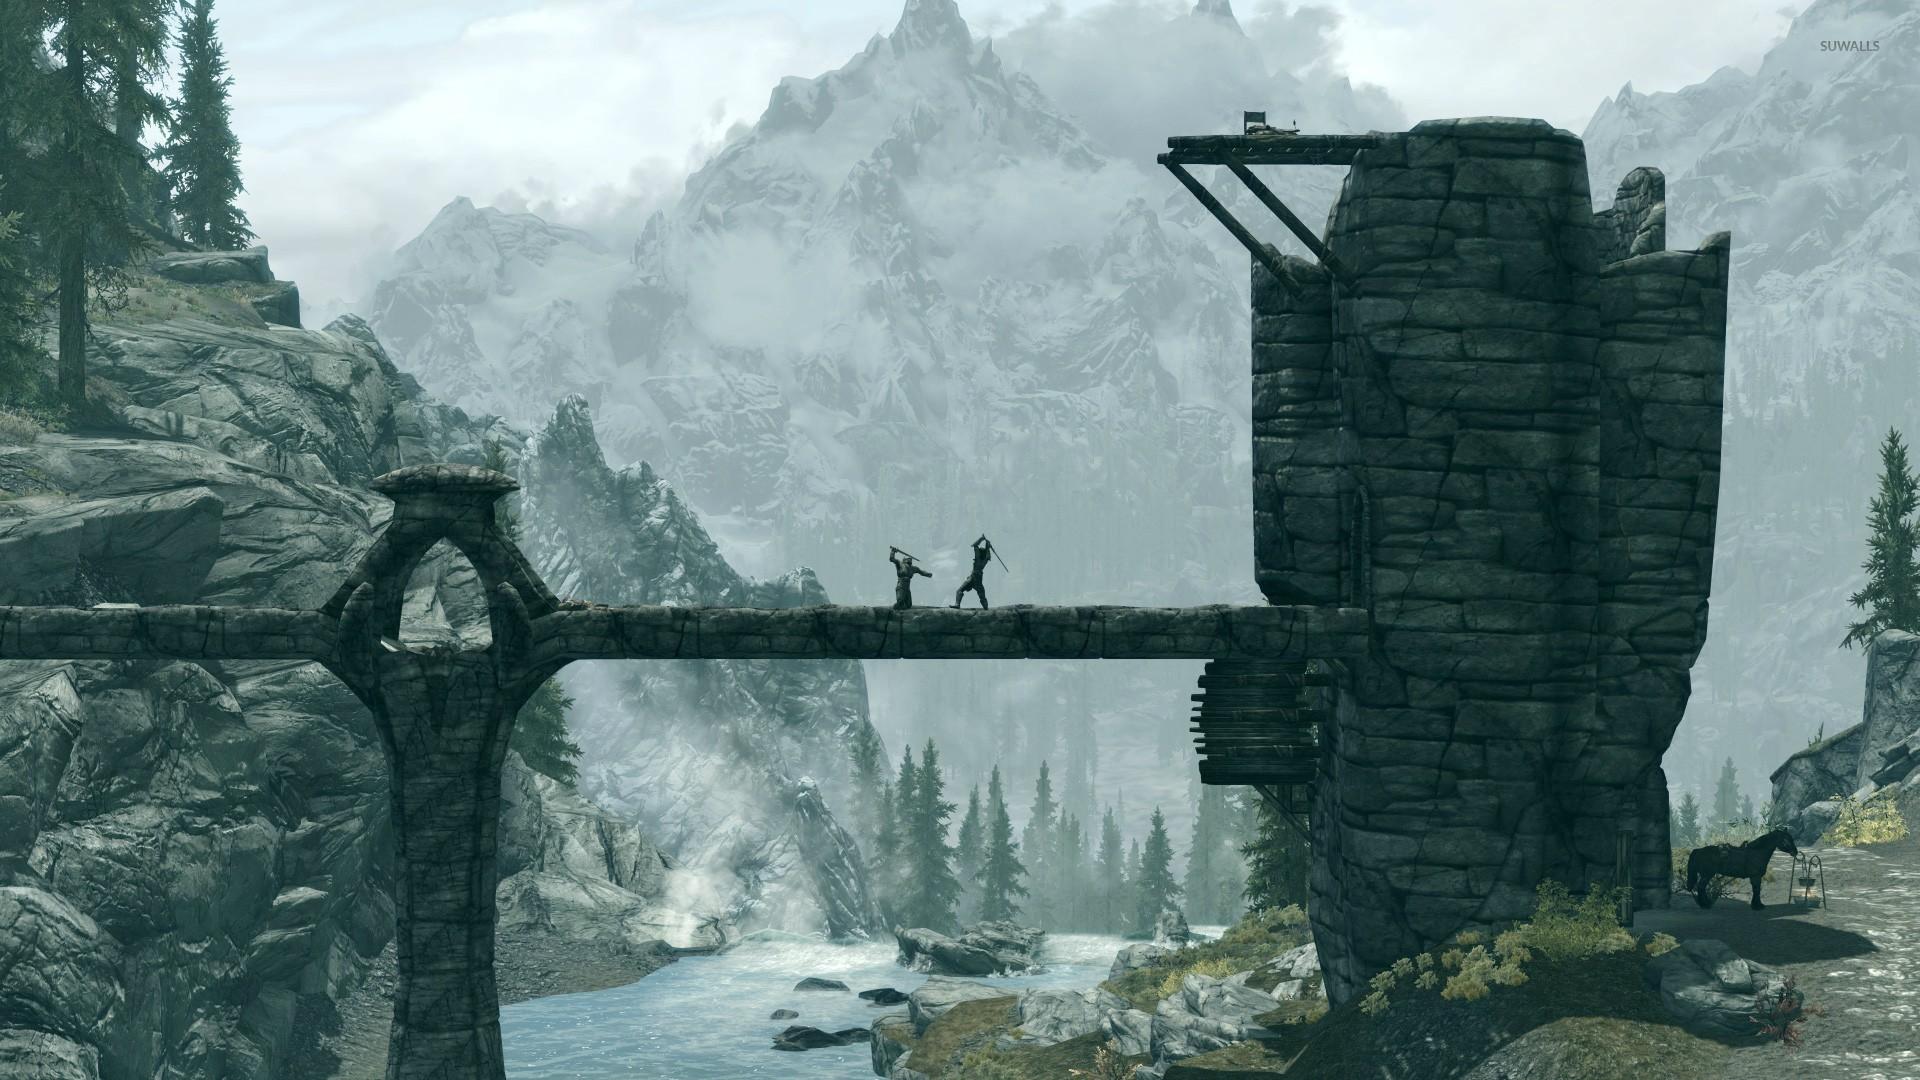 The Elder Scrolls V: Skyrim [31] wallpaper jpg